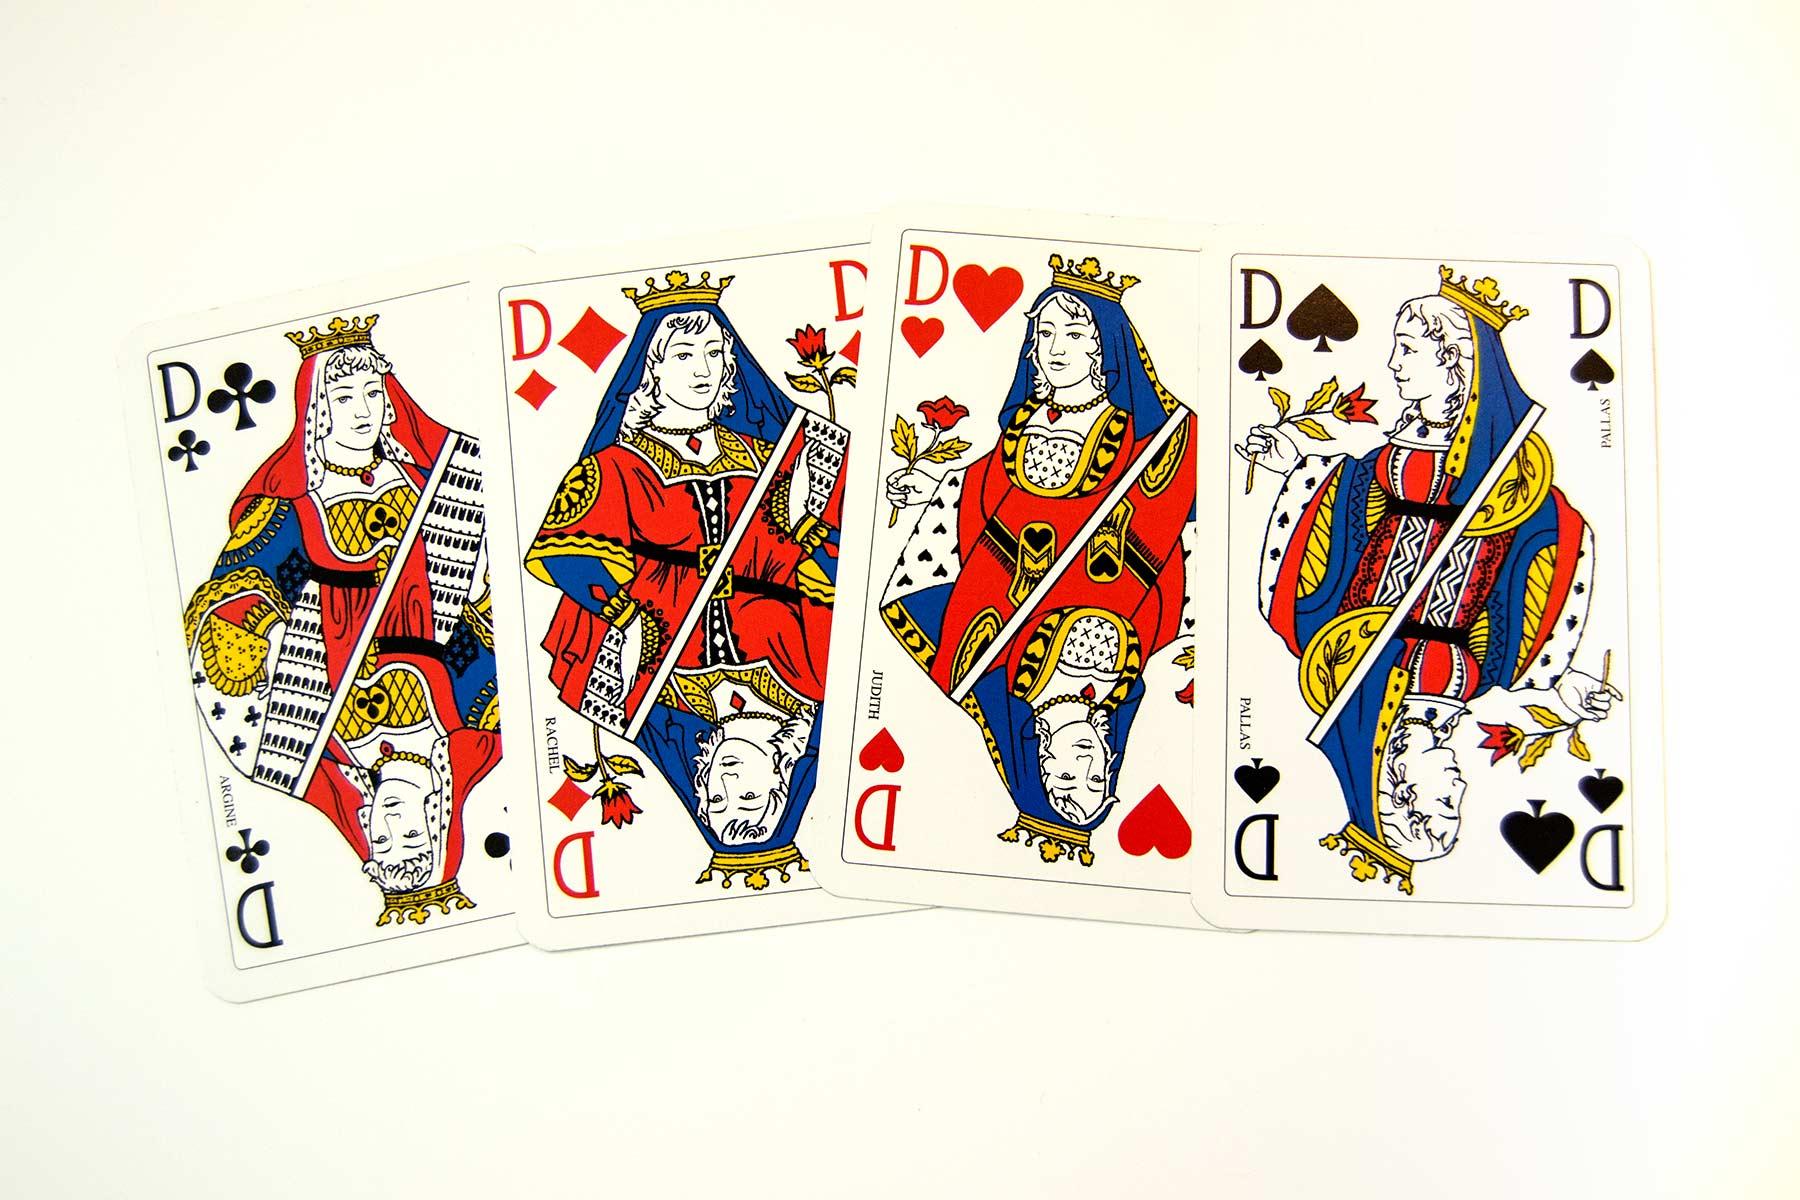 Ilustración gratis - Cartas Baraja inglesa - Damas del poker